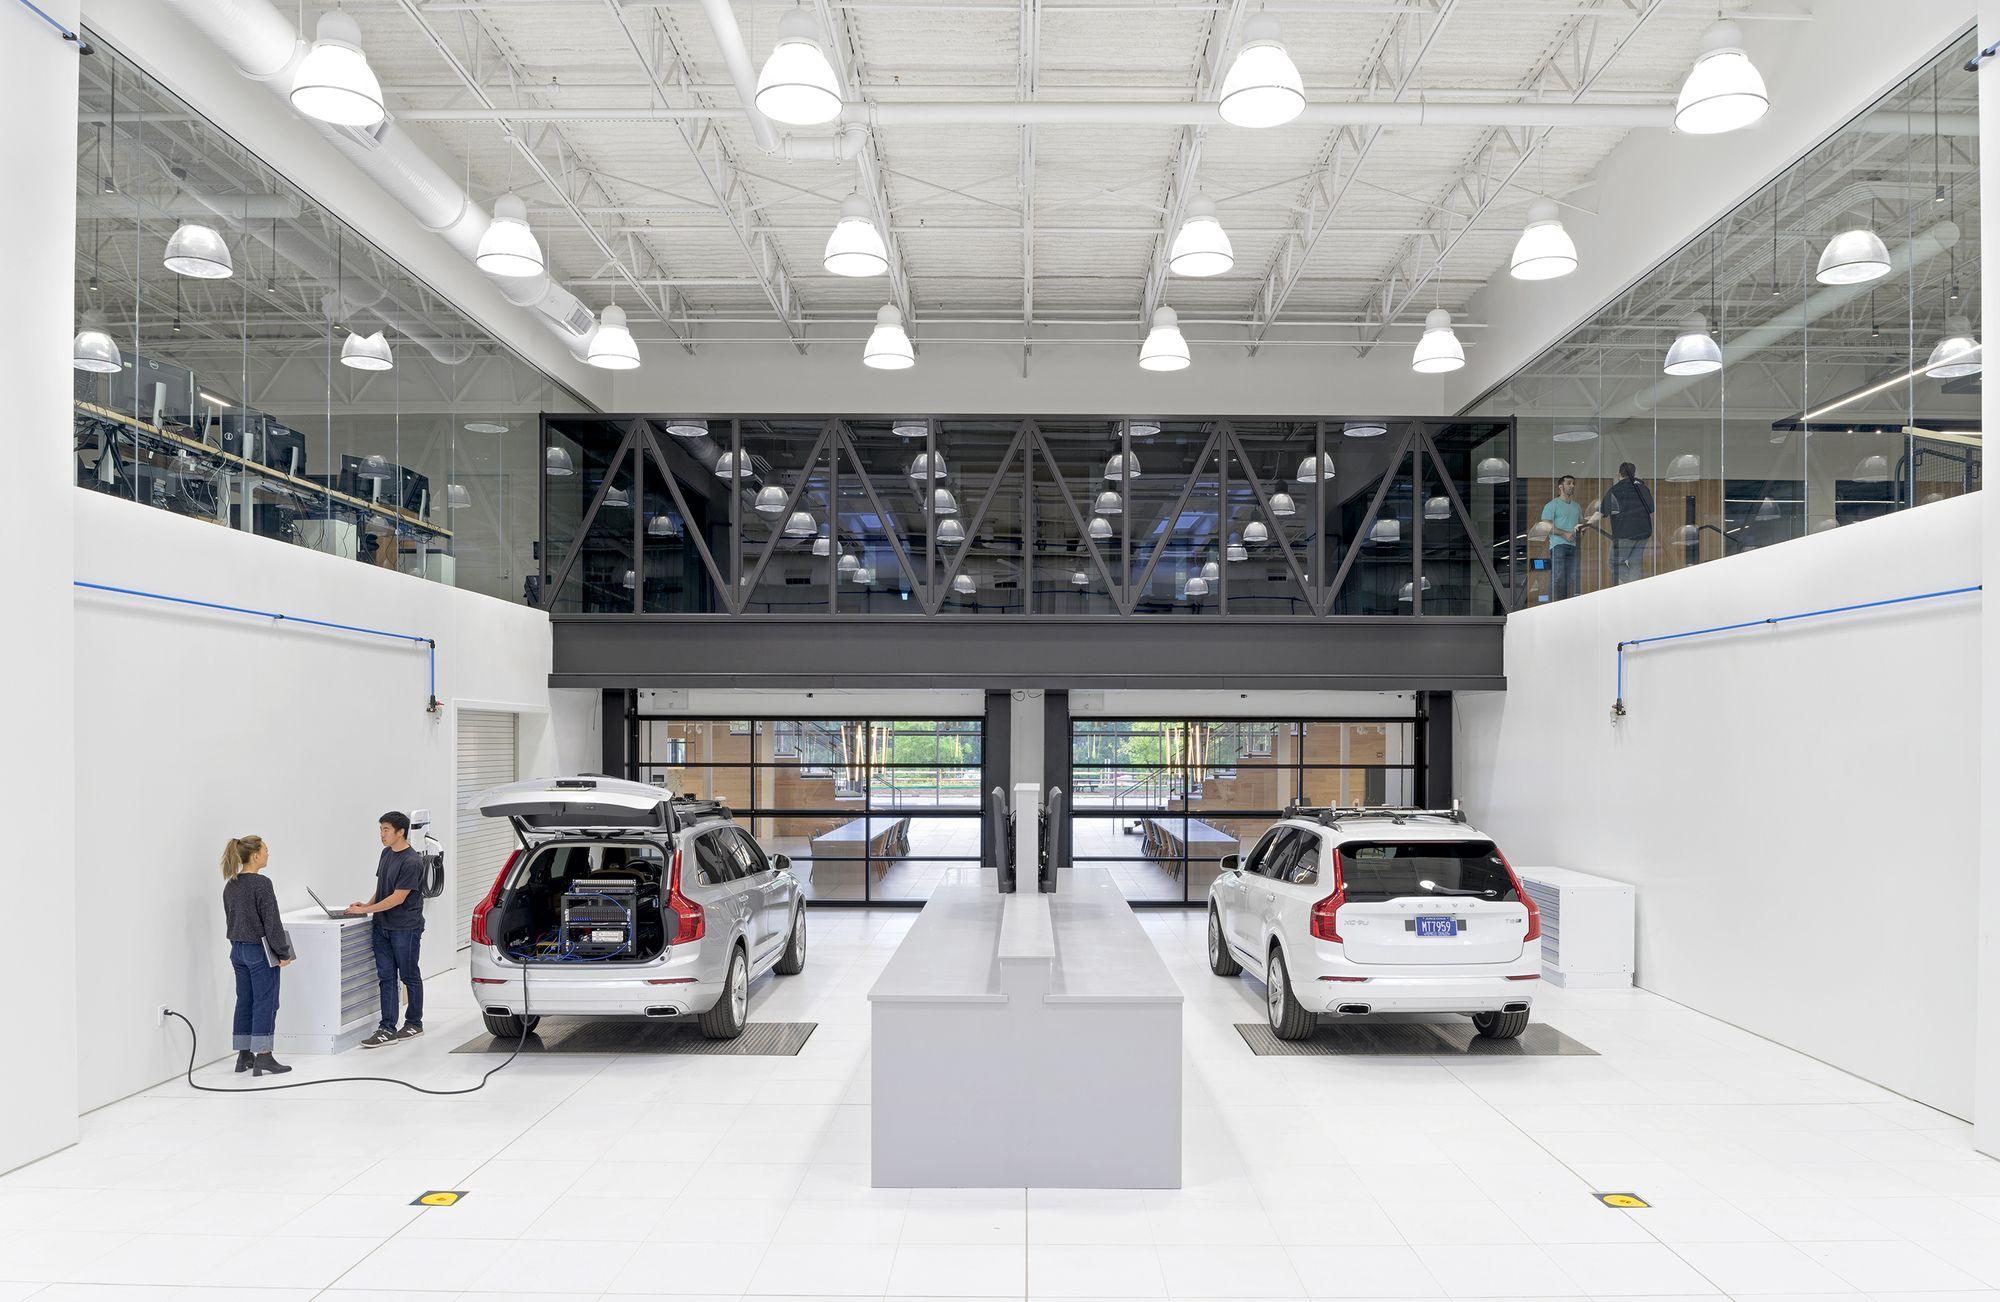 uber office design studio. Uber Advanced Technologies Group Center / Assembly Design Studio Office I